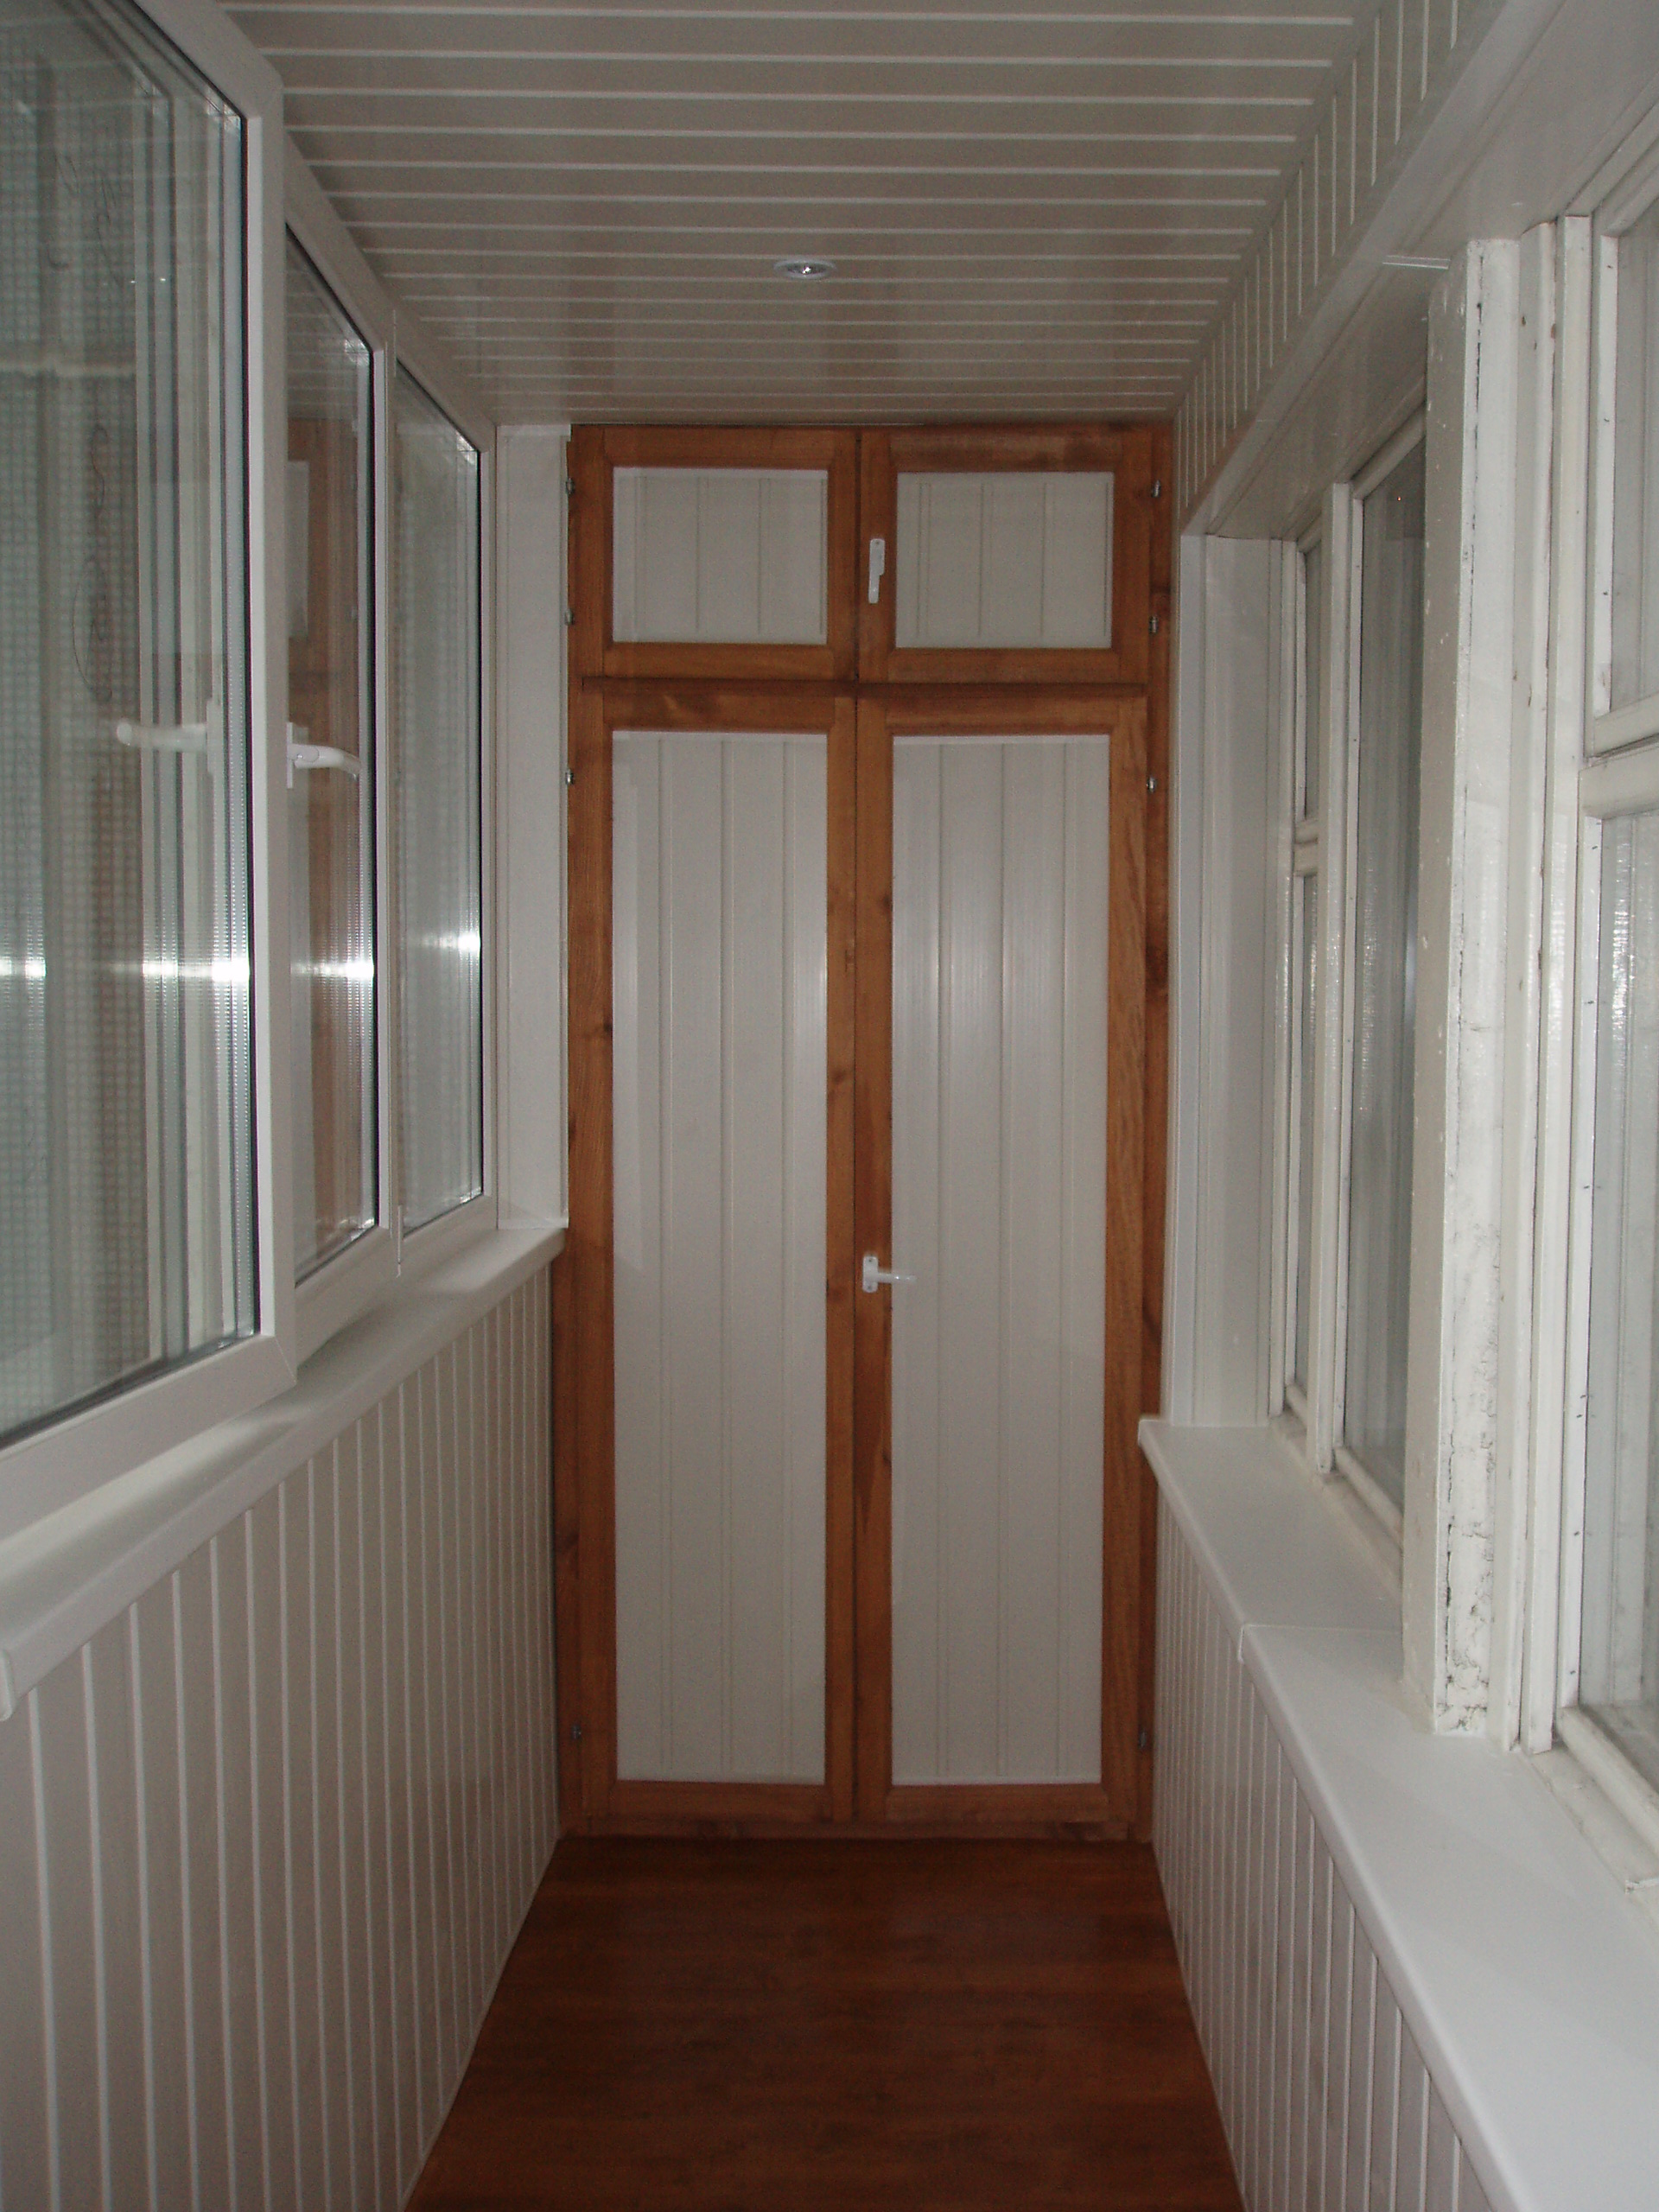 угловой шкаф на балкон как правильно подобрать и расположить